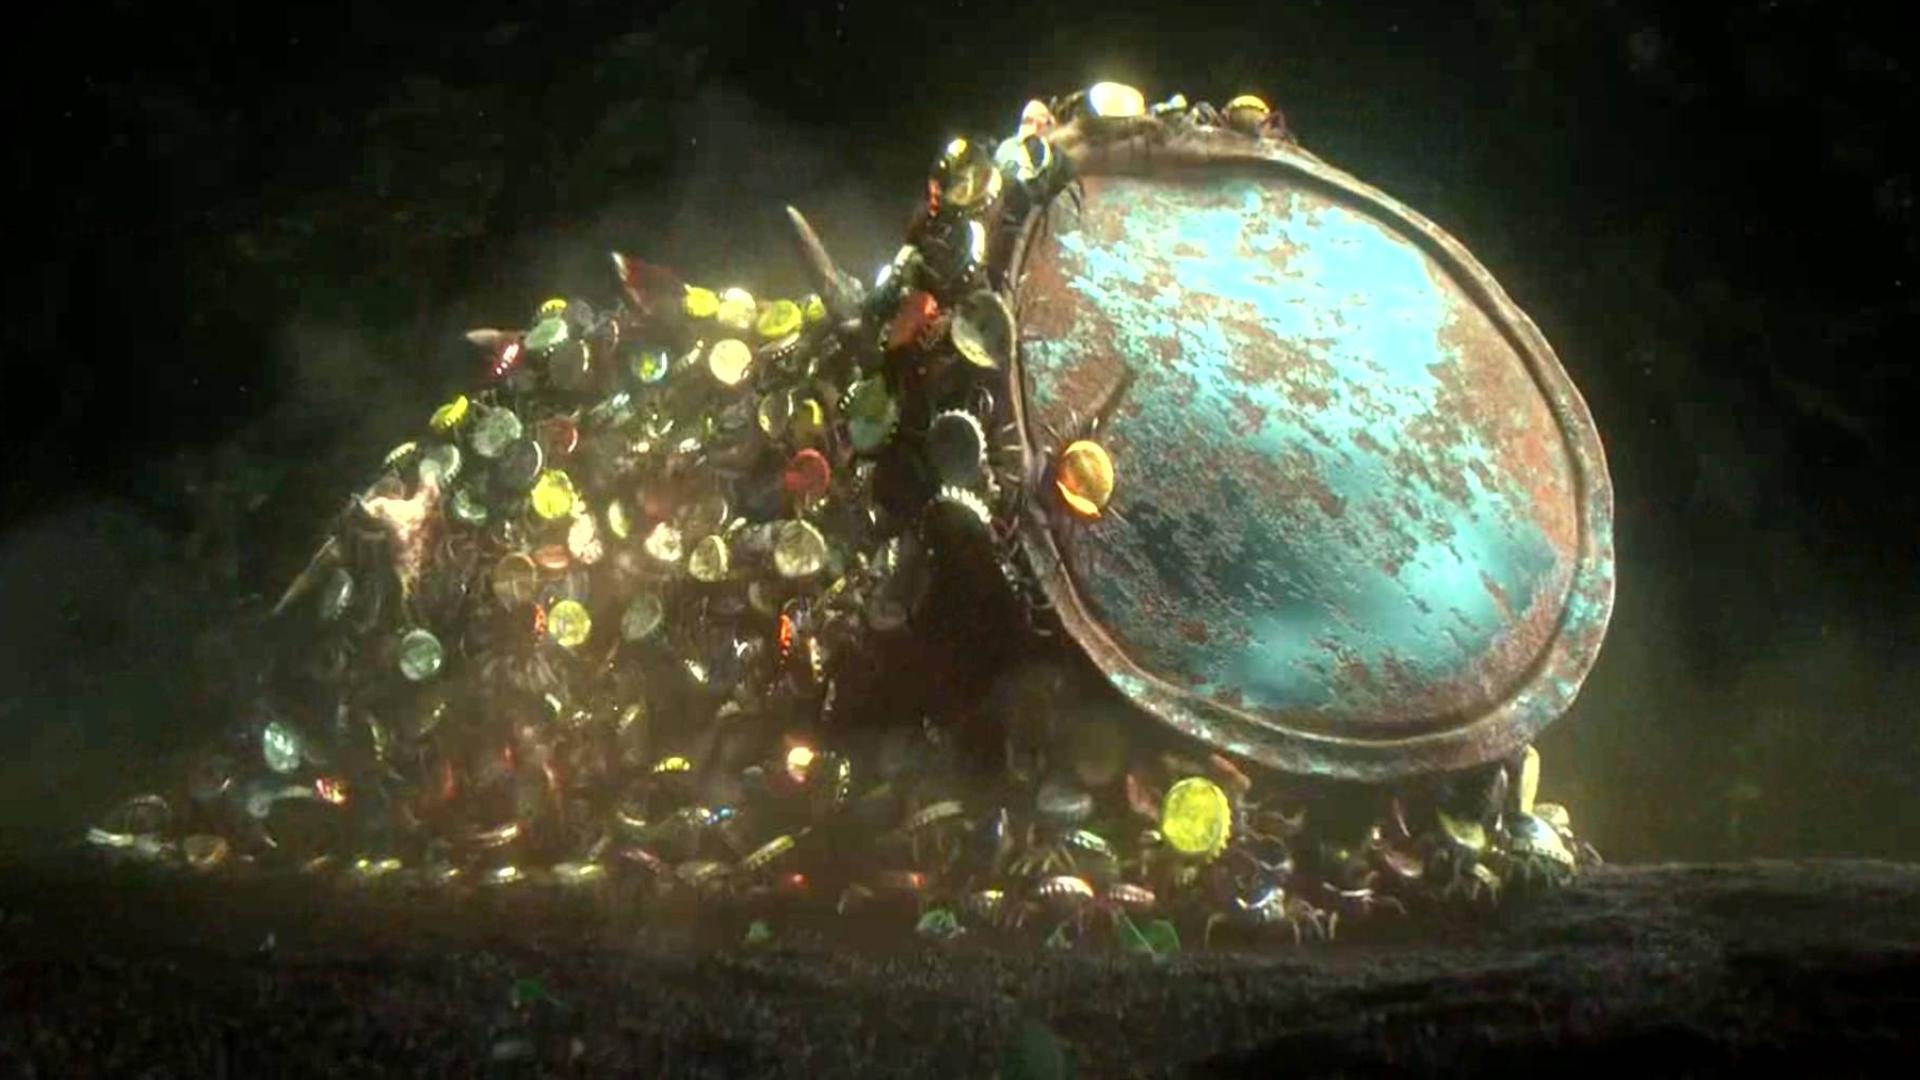 科幻短片:在未来世界,地球机械污染,影响到海底生物的生存!